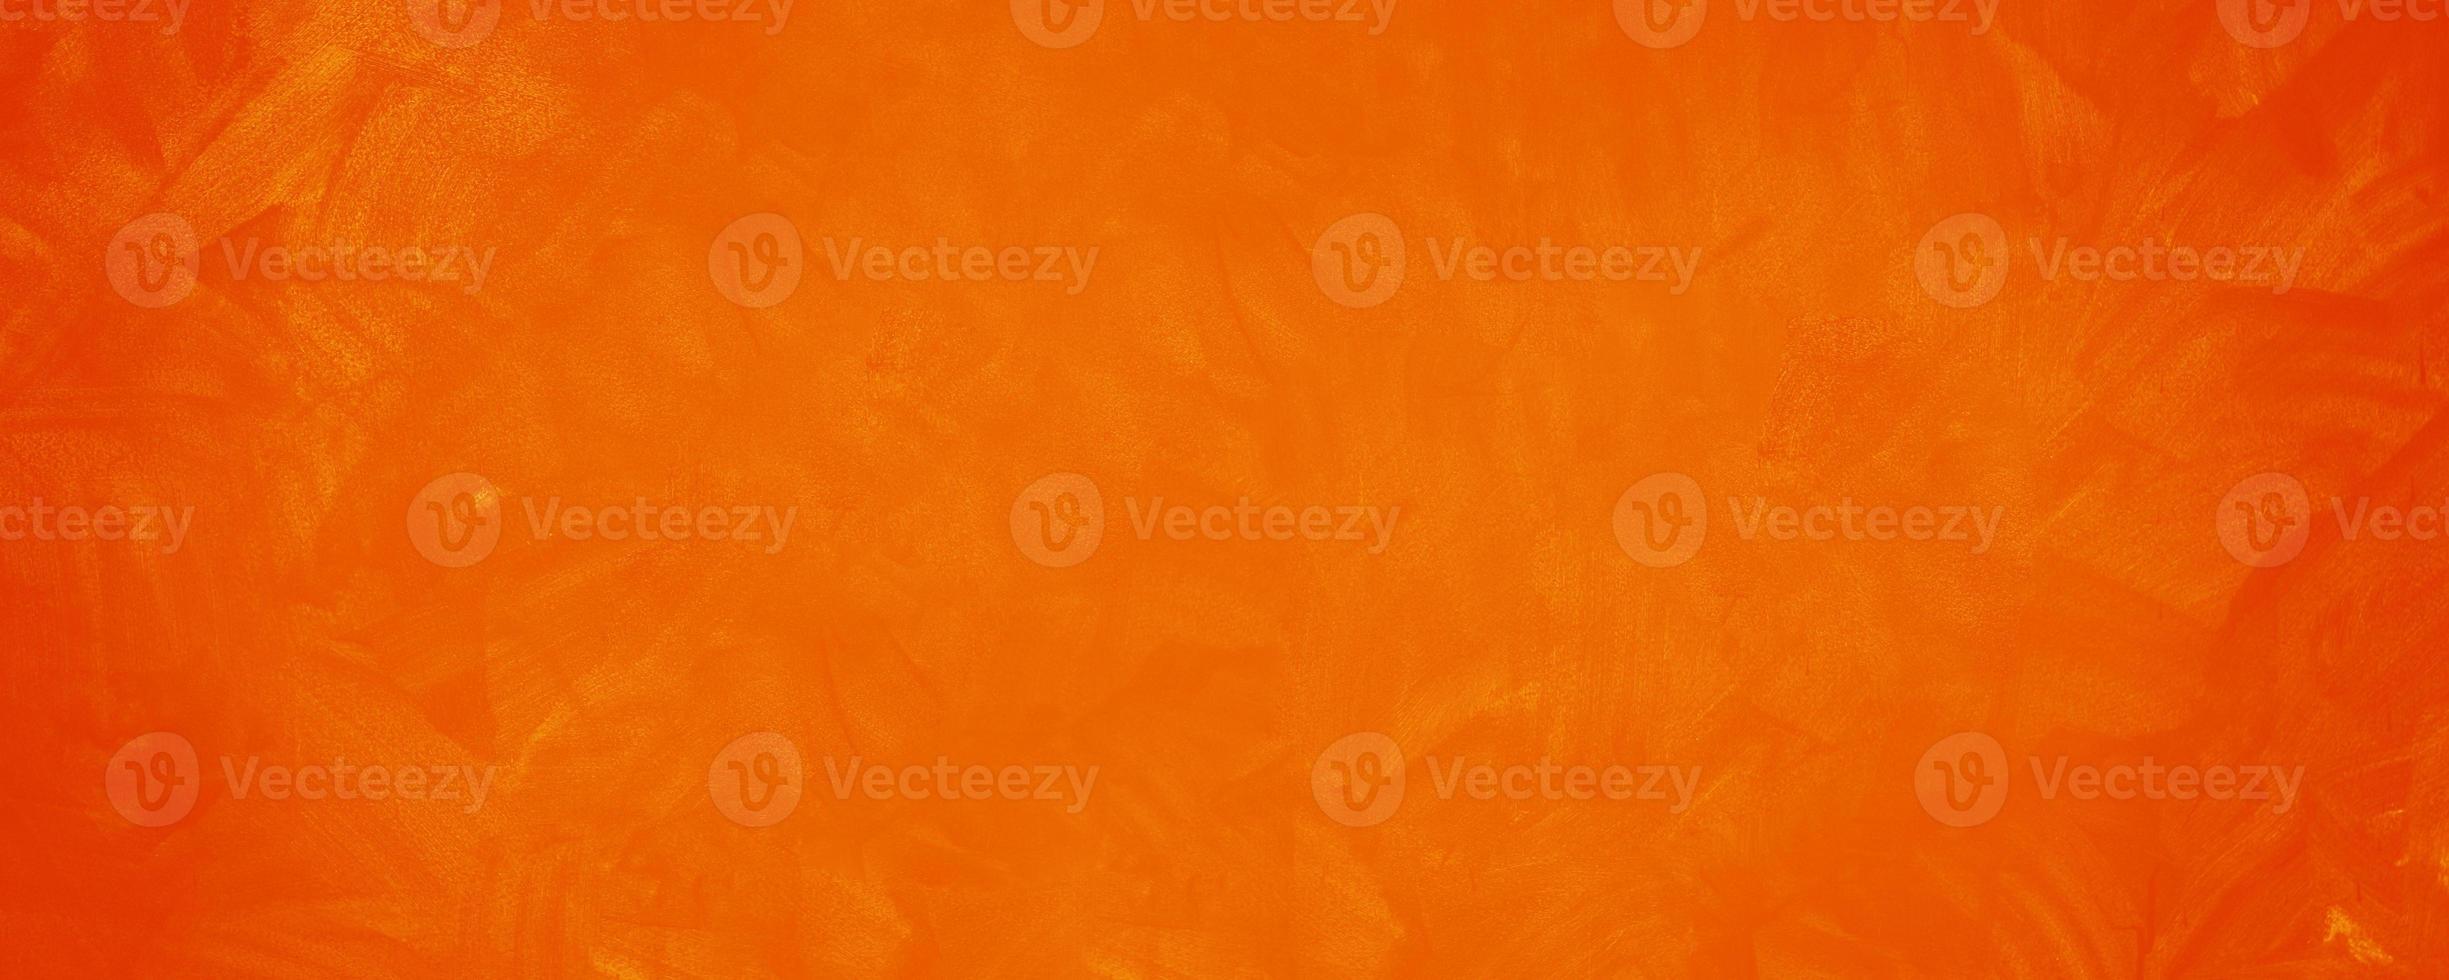 donker oranje cement textuur muur achtergrond foto